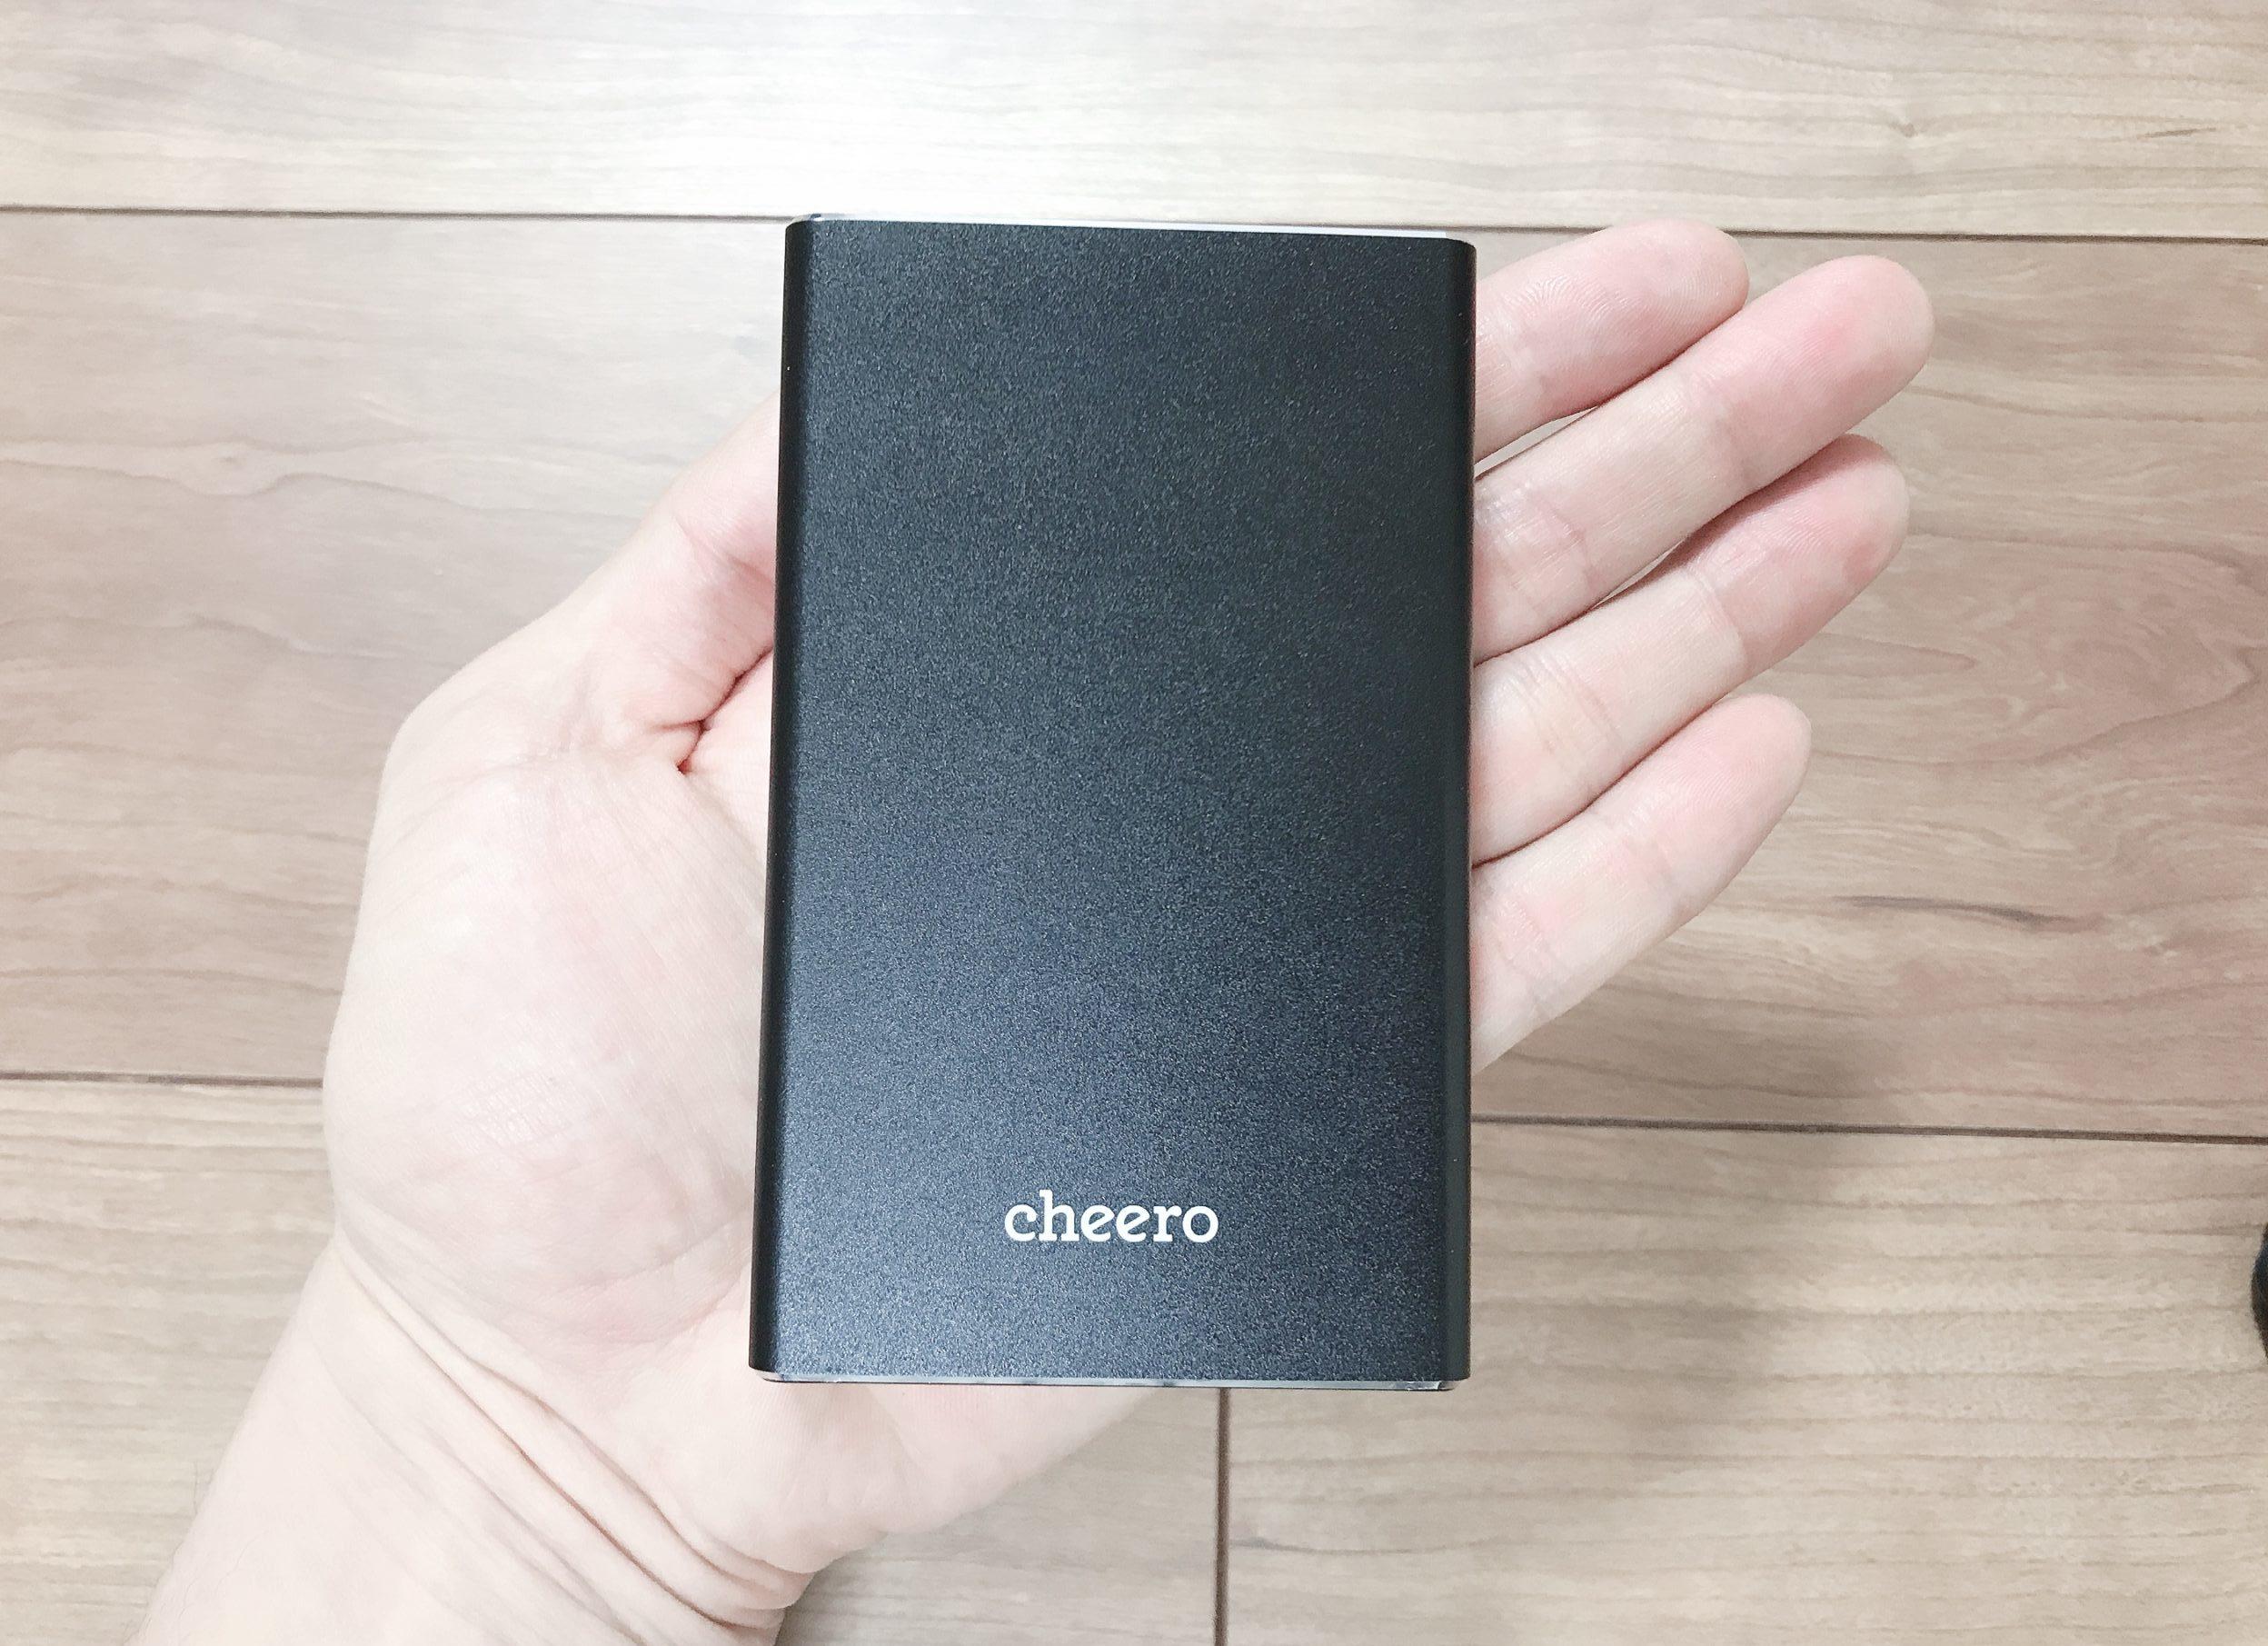 【cheero Power Plus 5 15000mAh レビュー】2ポート搭載&PD45W対応の急速充電できるモバイルバッテリー【CHE-106】